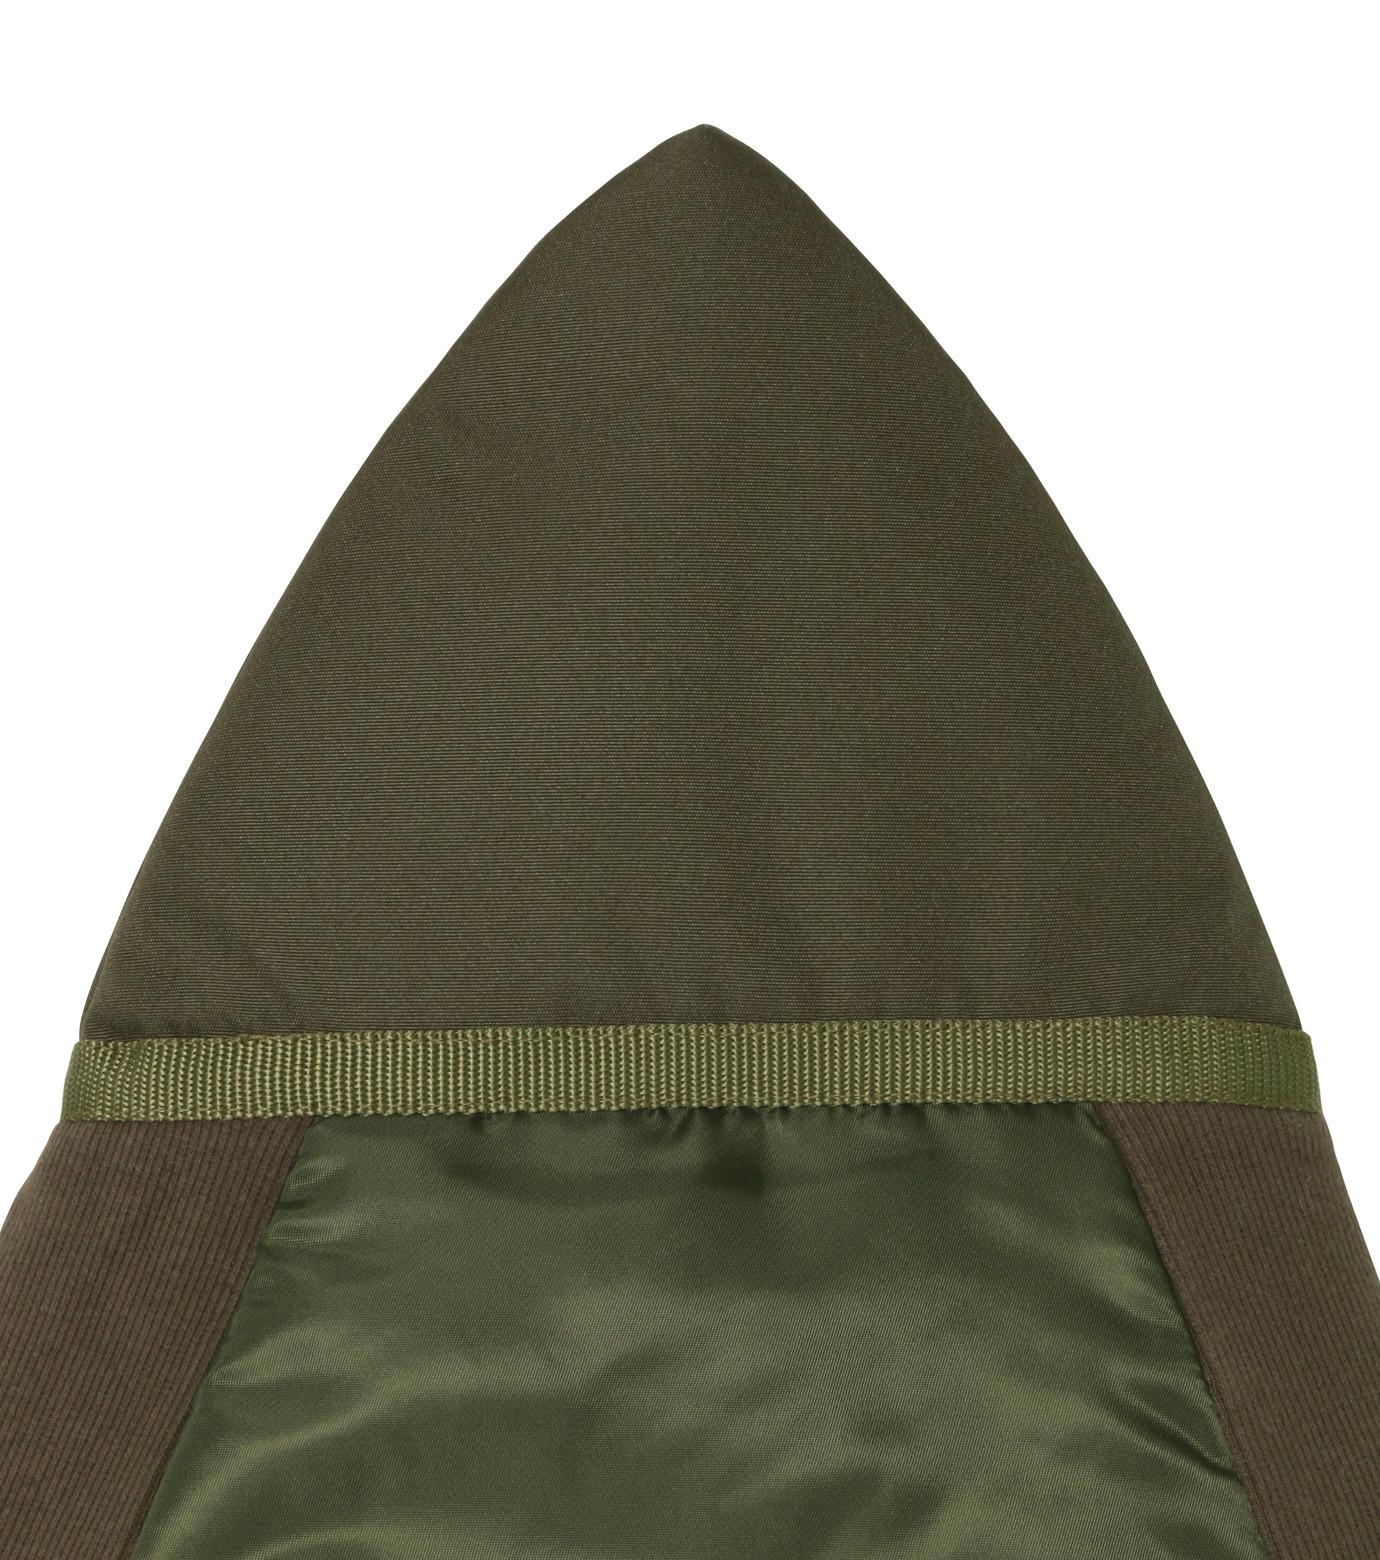 HEY YOU !(ヘイユウ)のSurfboard Jacket Retro-KHAKI(サーフ/OUTDOOR/surf/OUTDOOR)-18S90010-24 拡大詳細画像2